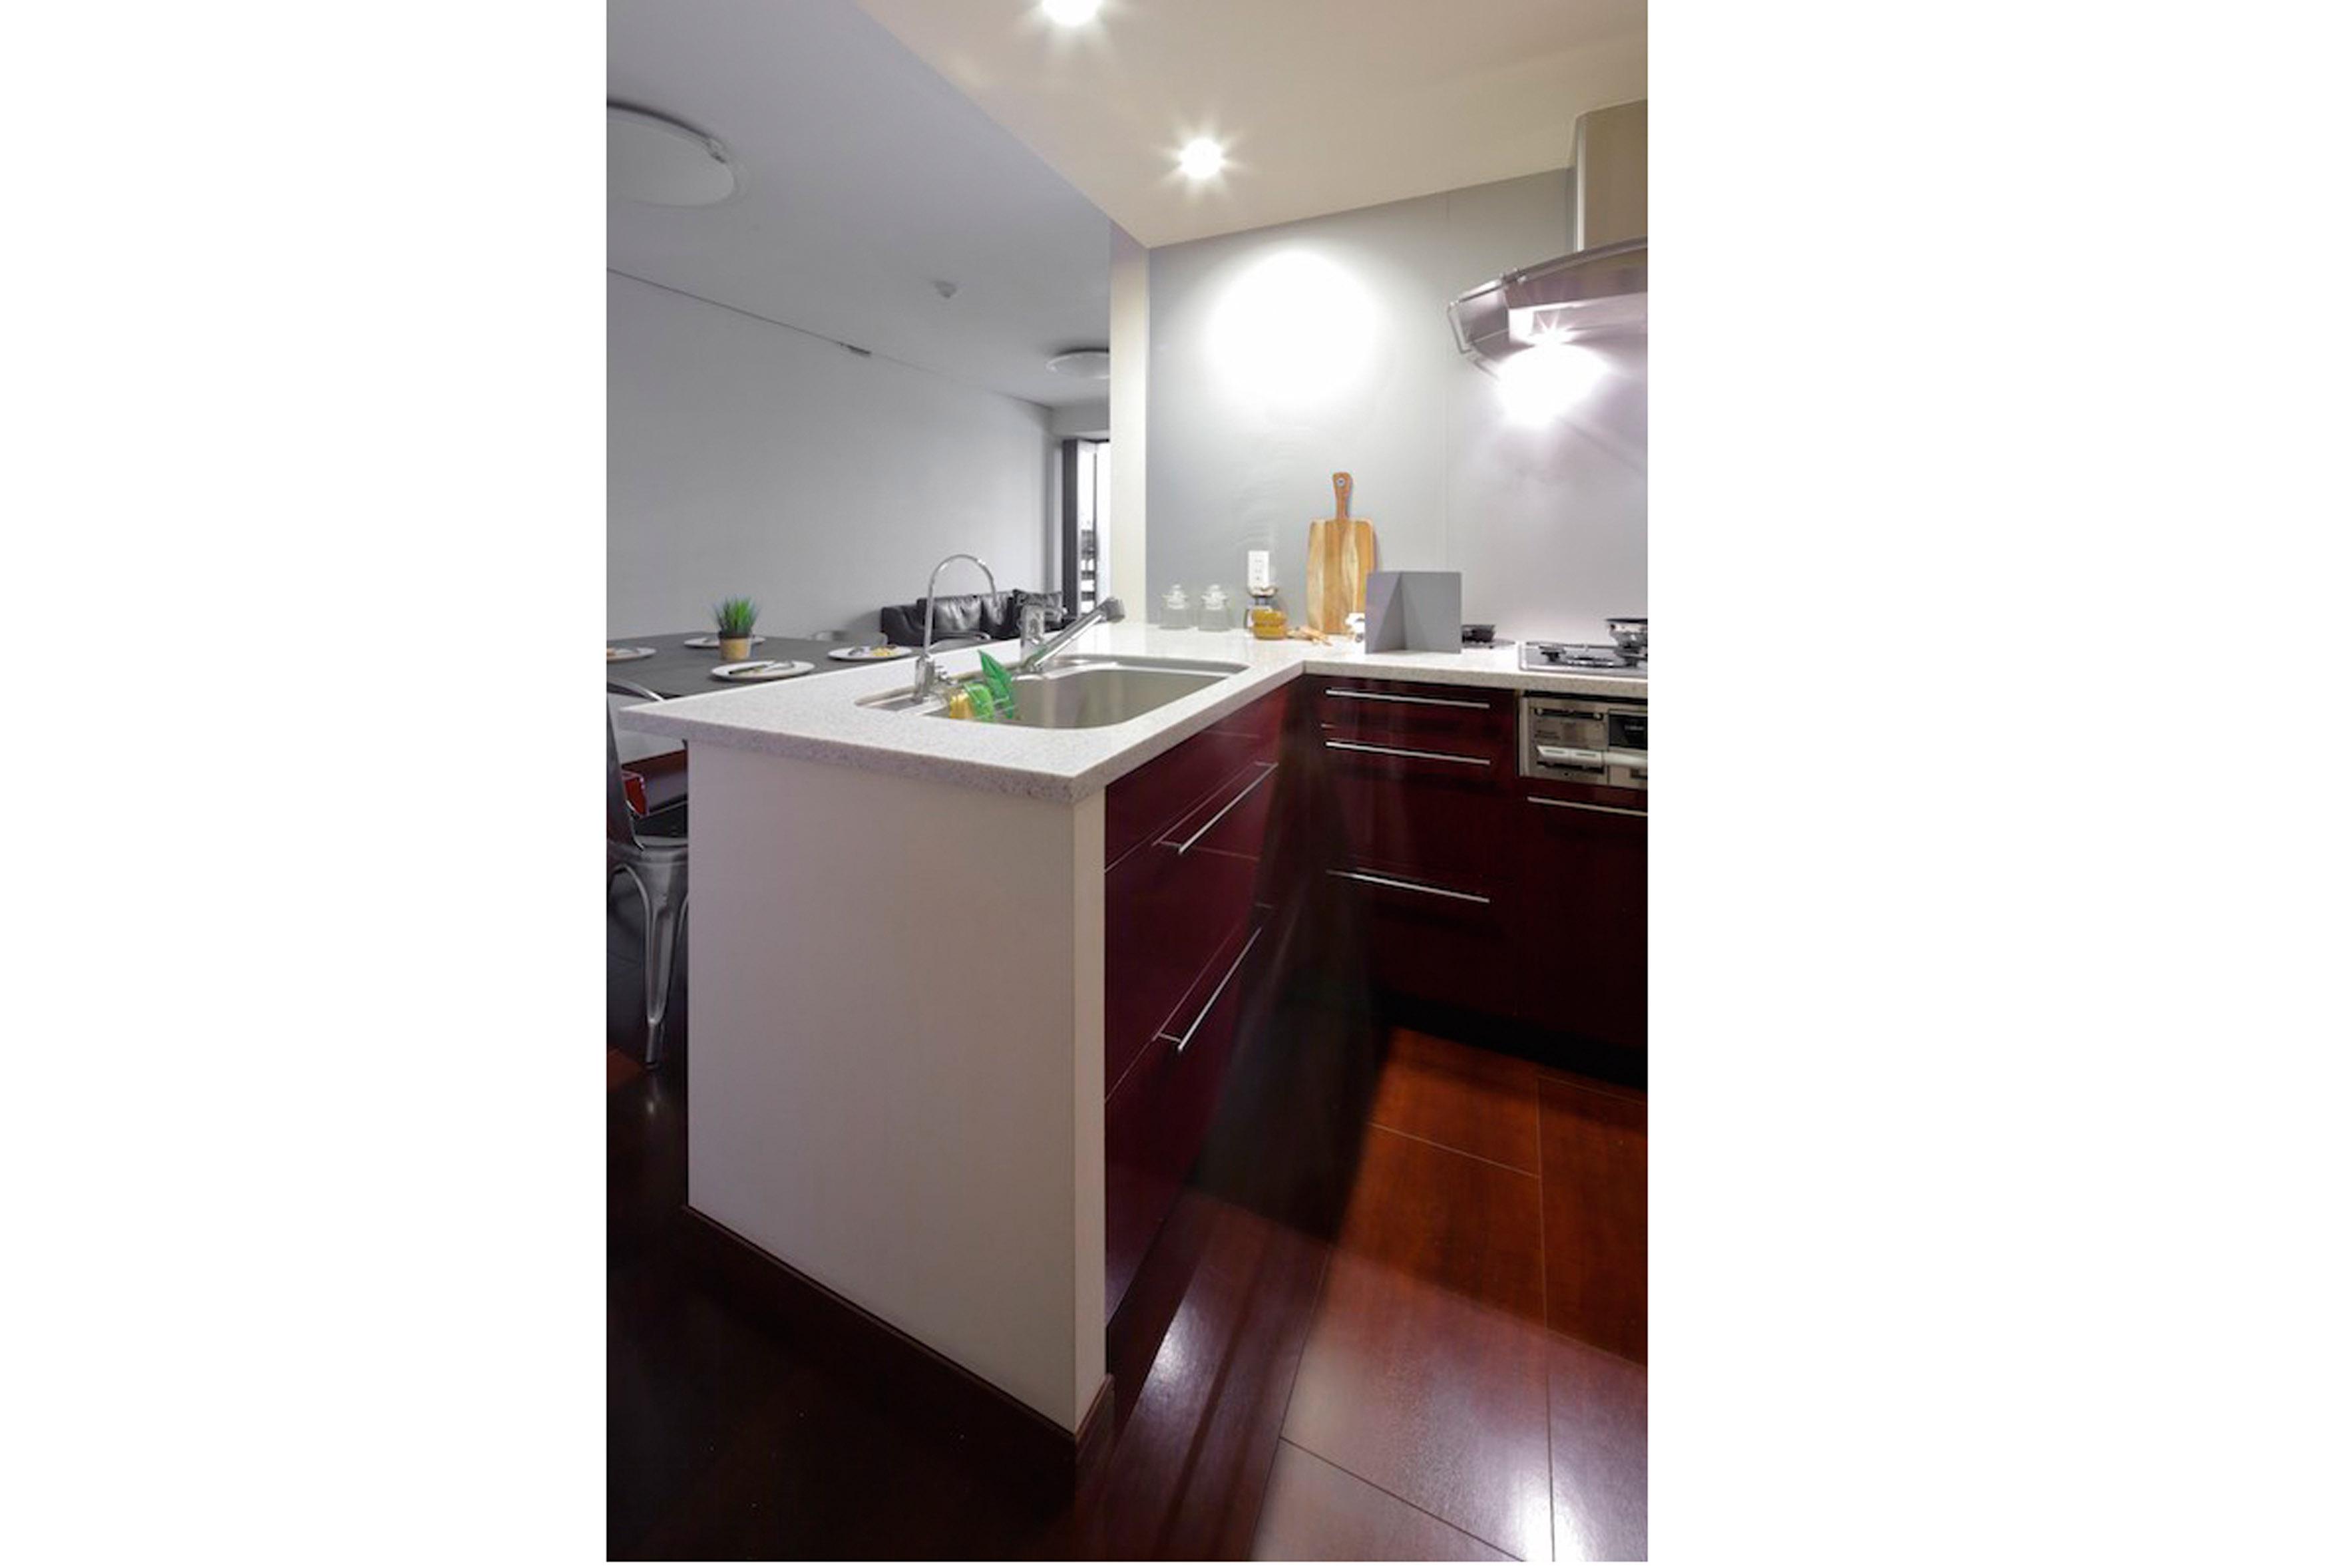 しっかり作業スペースを確保したシステムキッチンで毎日のお料理もスムーズに行えます。 イメージ